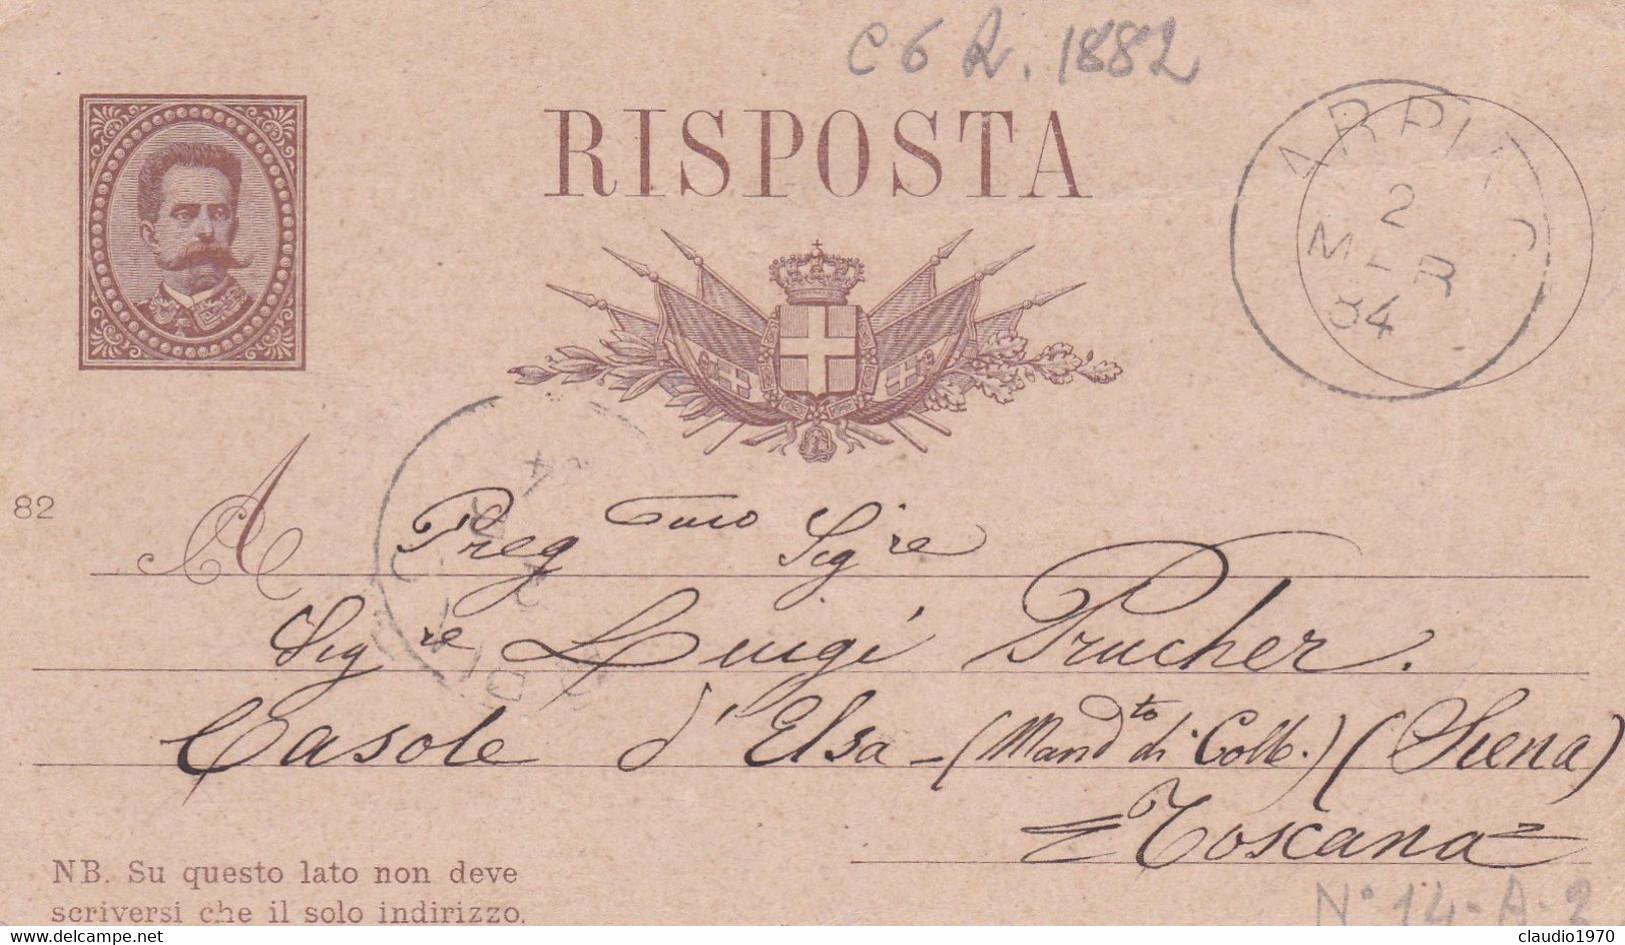 ITALIA - REGNO - ARPINO (FROSINONE) INTERO POSTALE - CON RISPOSTA PAGATA C. 15 - VIAGGIATA PER CASOLE D'ELSA (SIENA) - Entiers Postaux